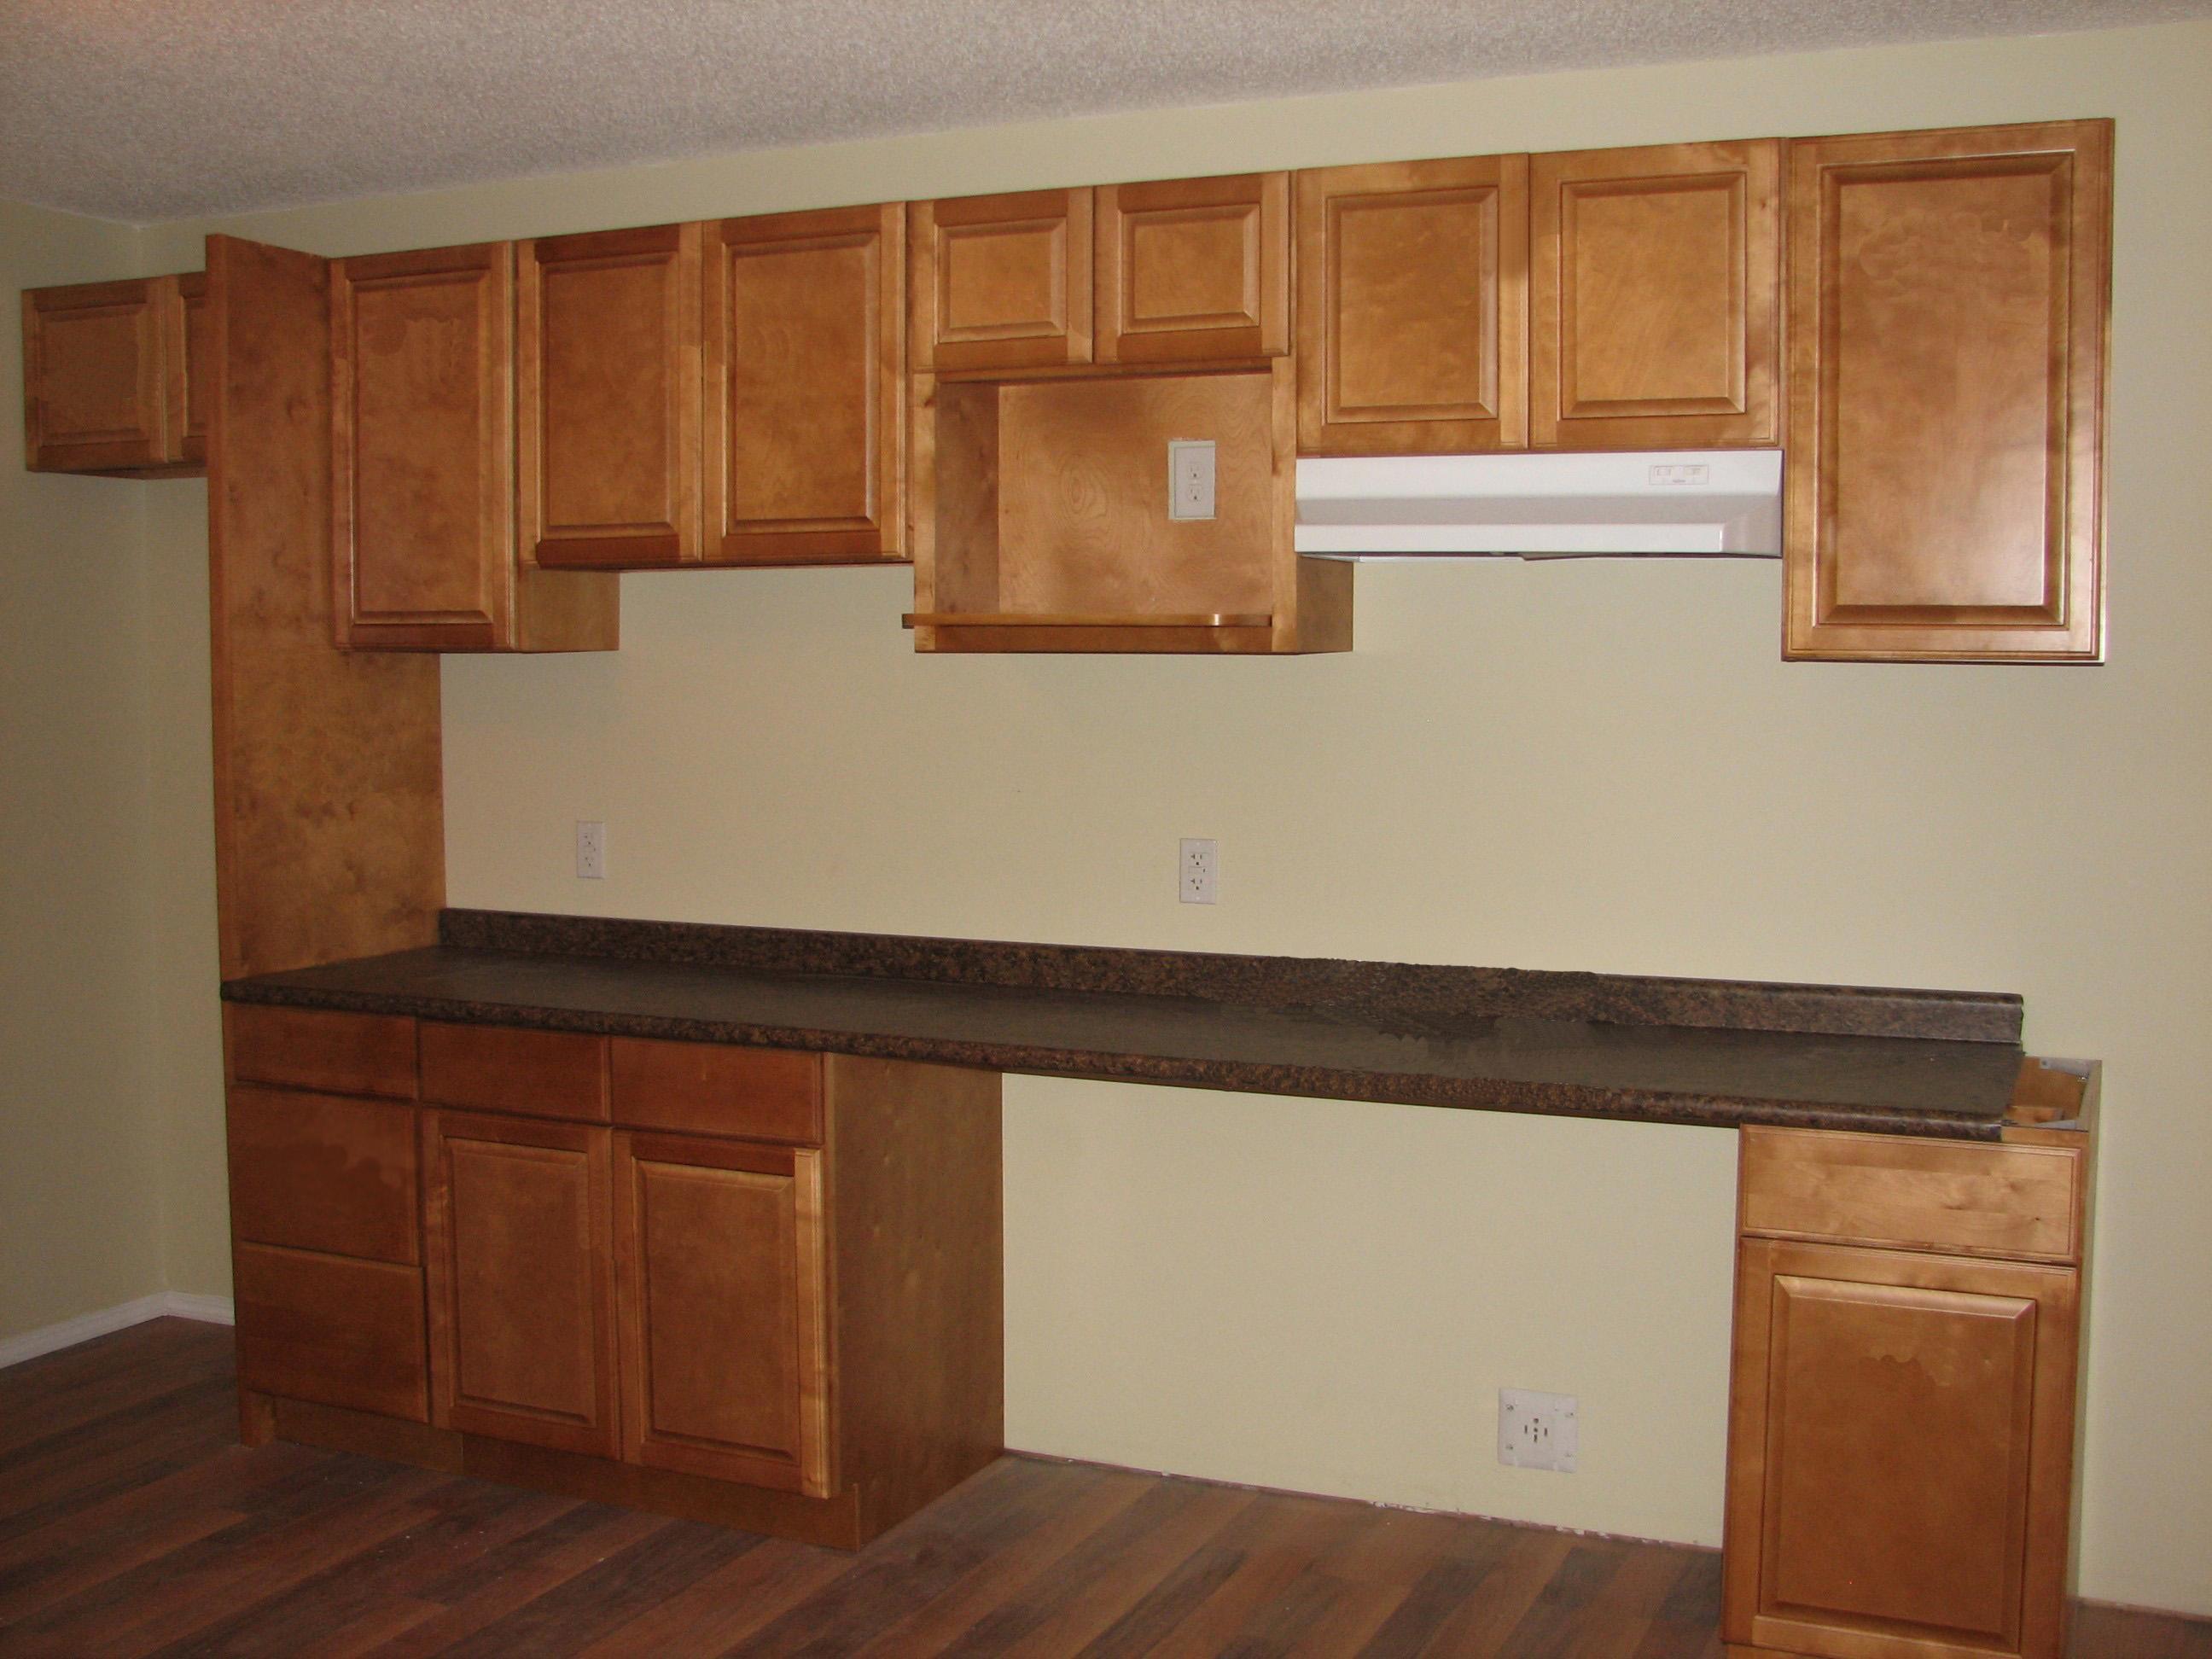 Cmo Instalar Gabinetes De Cocina Molduras De Corona » Home Design  #6F3E22 2592x1944